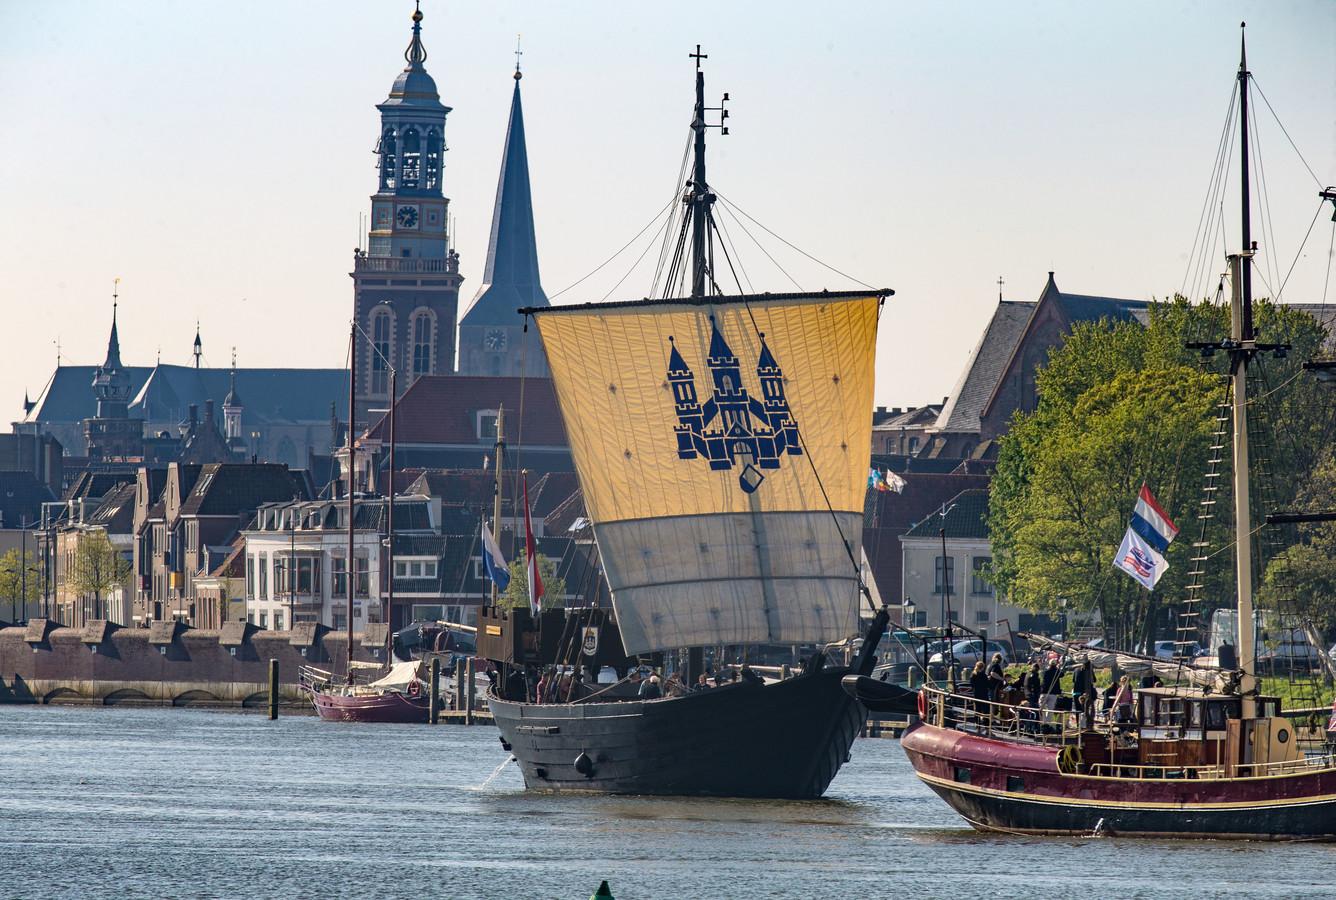 De Kamper Kogge vaart herinnert aan het Hanzetijdperk. In 2016 werden de internationale Hanzedagen in Kampen gehouden. Dit jaar is Rostock aan de beurt,  waarbij naast de nostalgie vooral de economische kansen centraal staan.